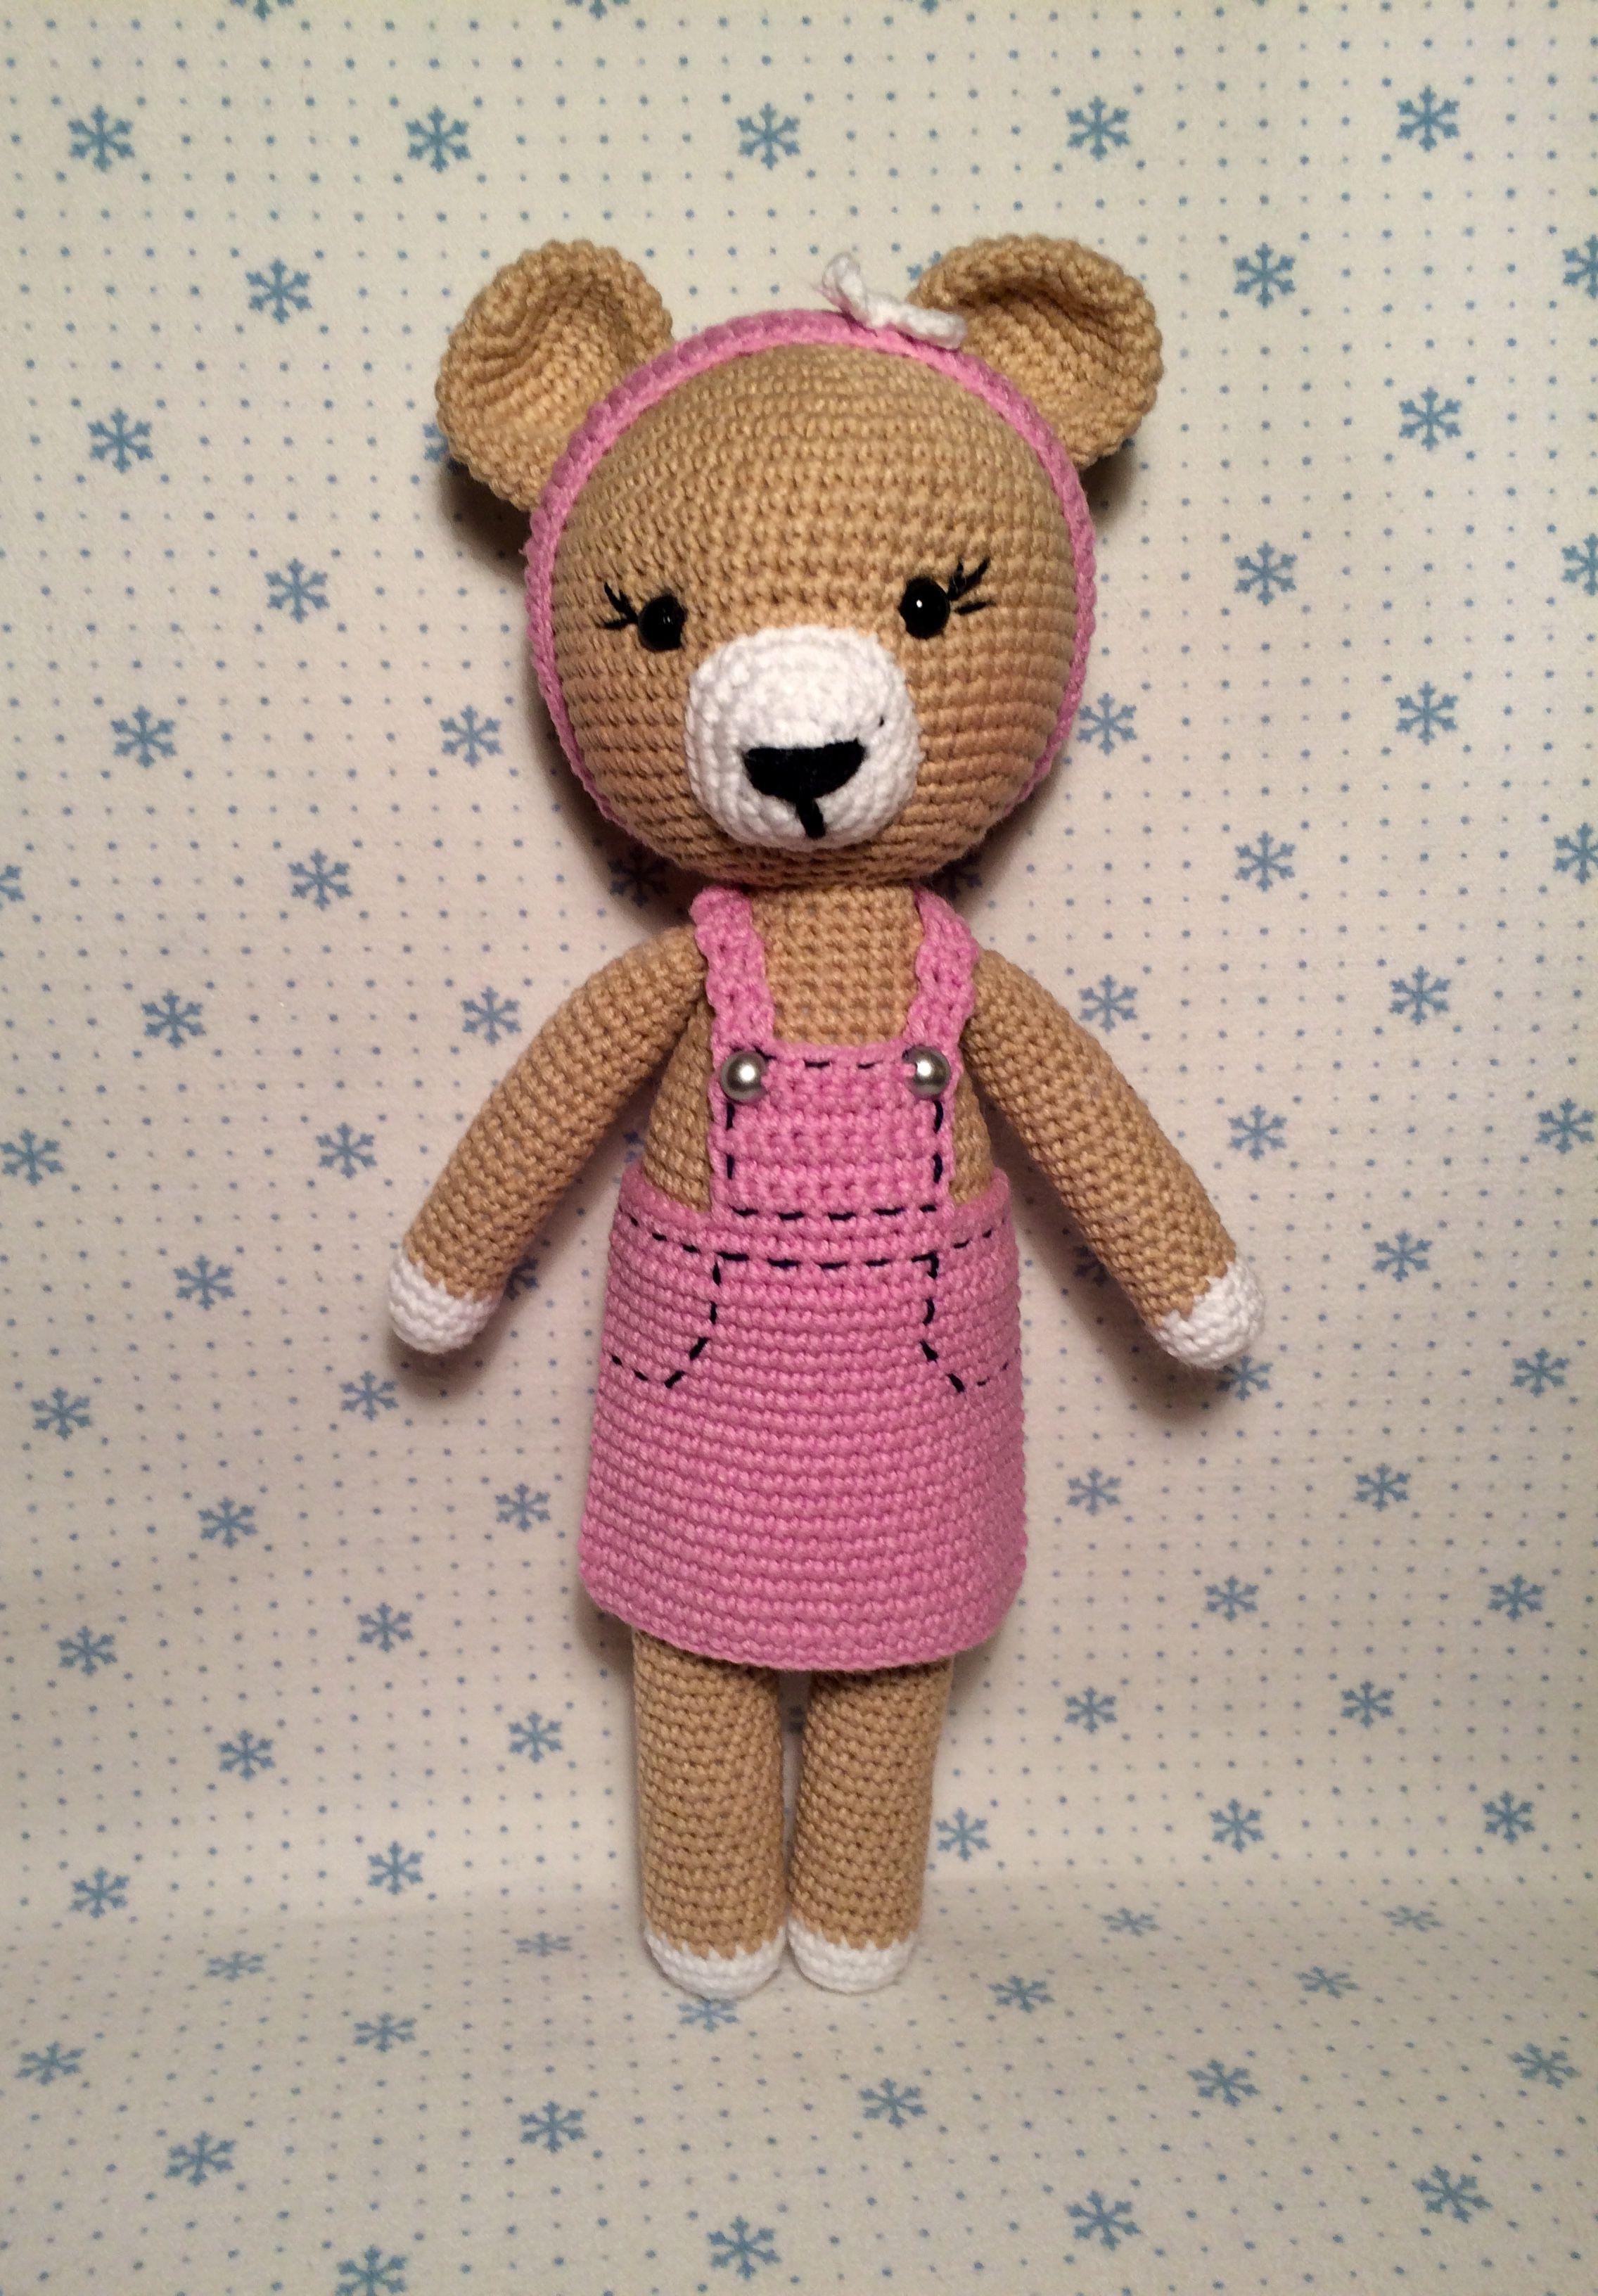 Amigurumi Pembe Ayıcık Yapılışı | Ayıcık, Teddy bear, Amigurumi ... | 3264x2272